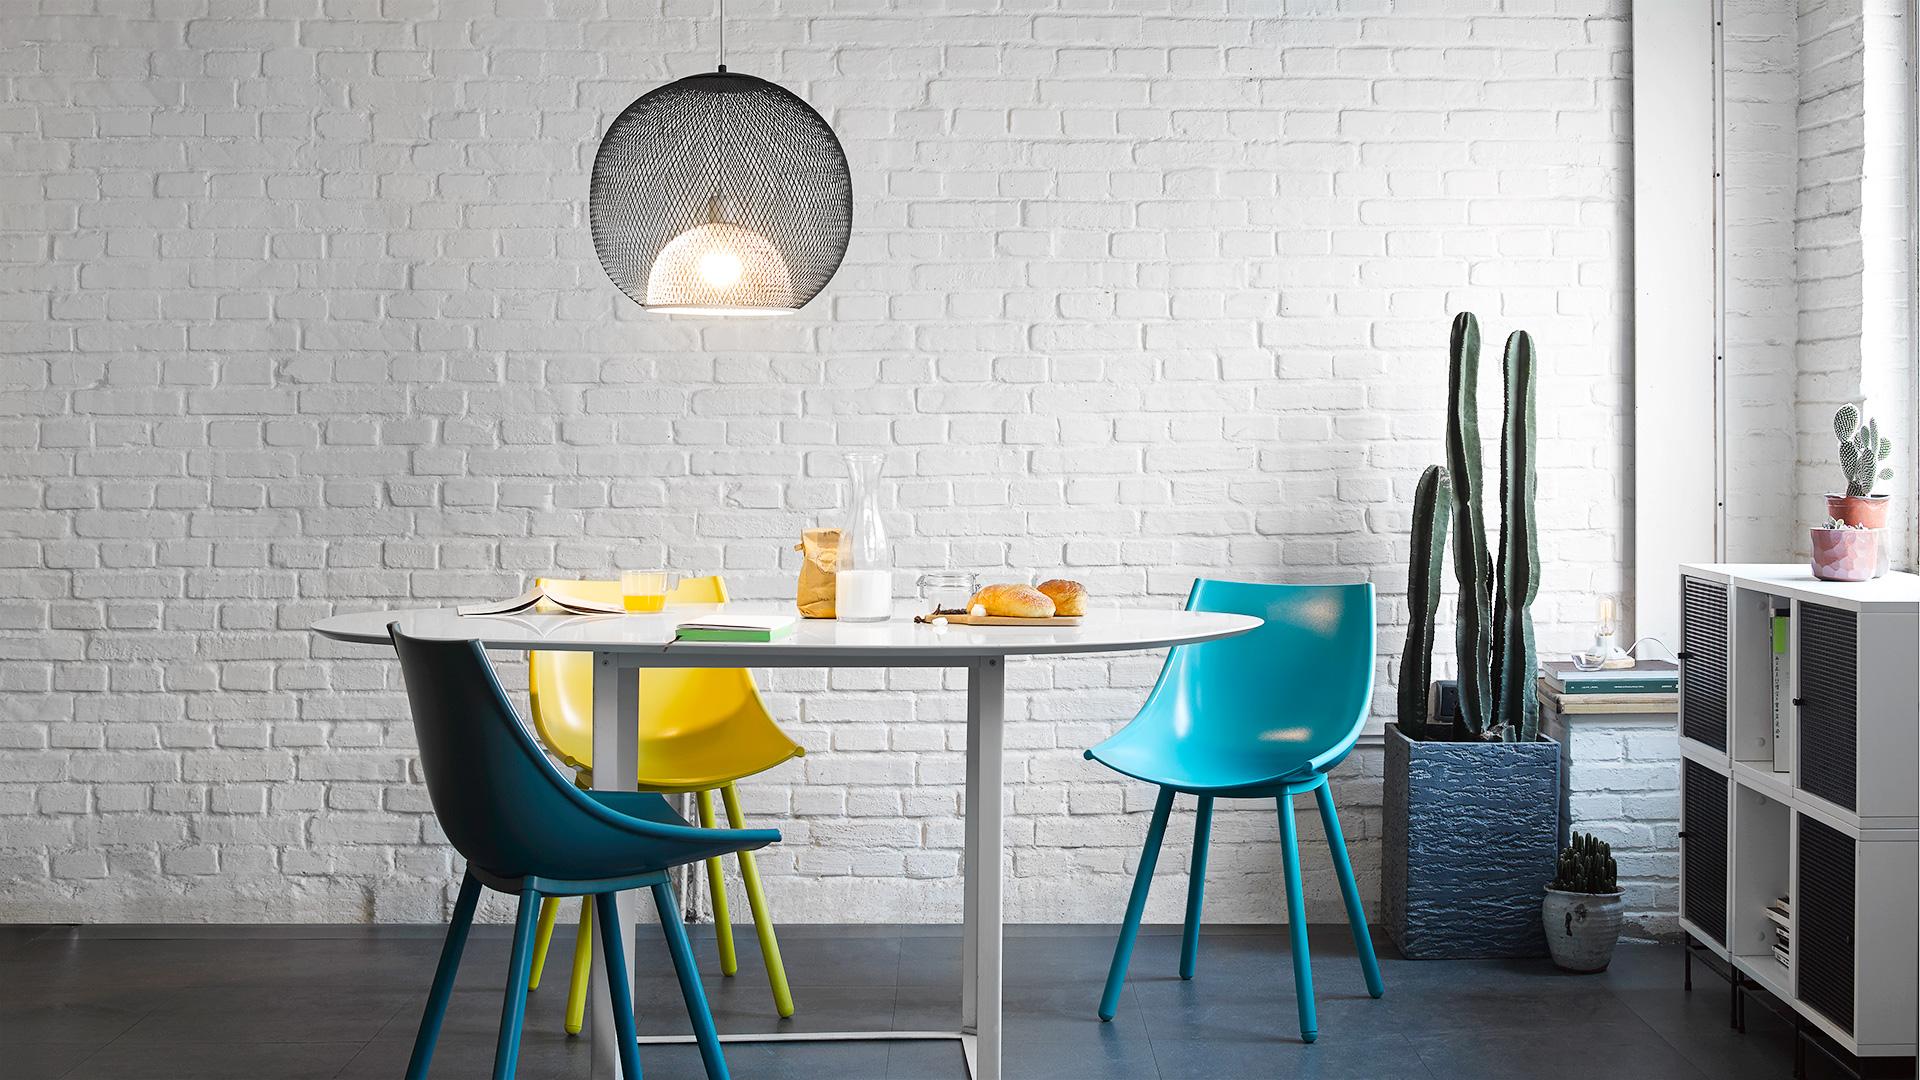 几把撞色丝绸椅点亮空间,随形桌的不规则弧线桌面打破传统餐桌的围合局限,最后用高级氛围吊灯营造柔和散射光,用餐的幸福,只有你懂。?x-oss-process=image/format,jpg/interlace,1